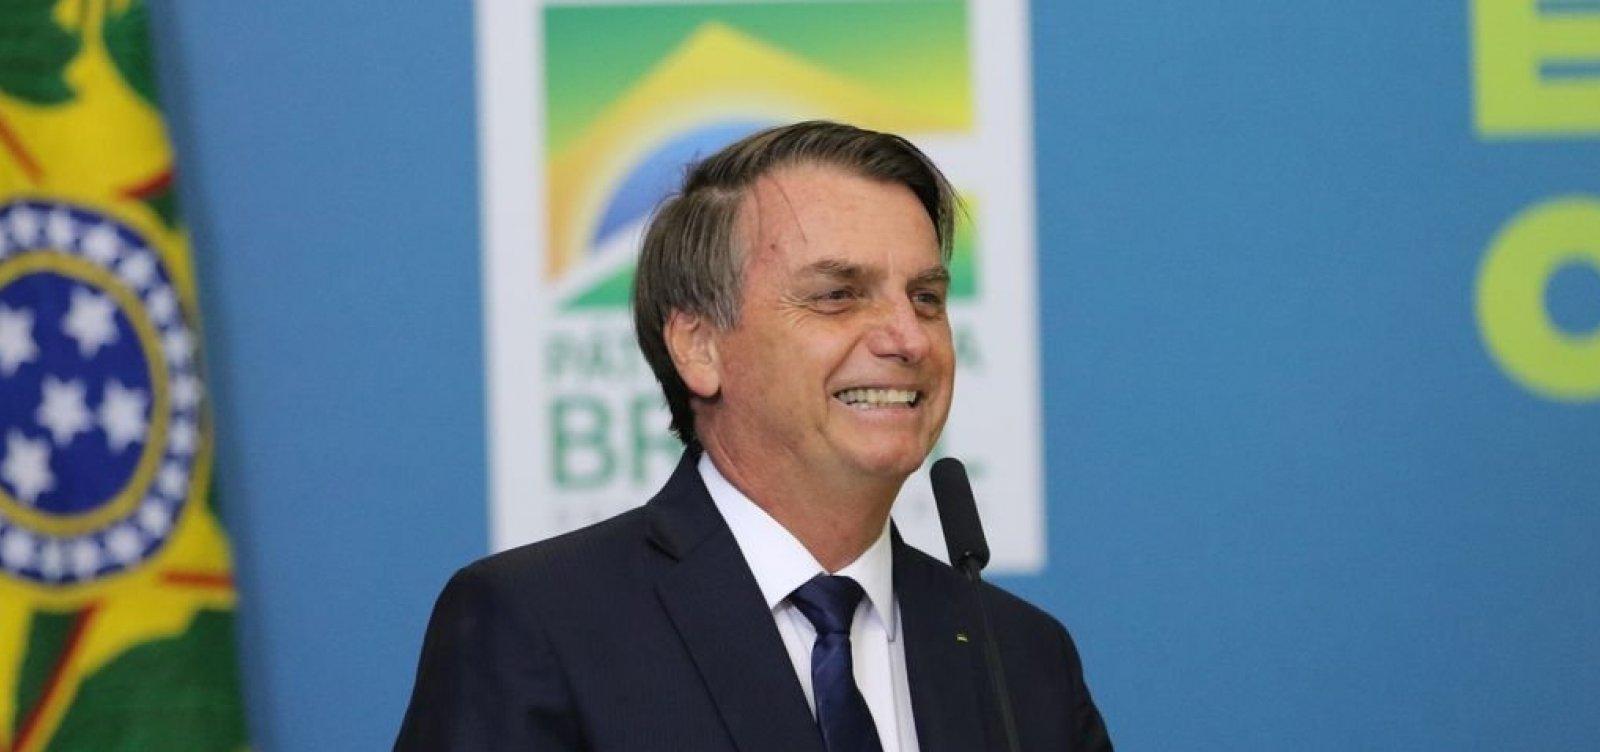 Bolsonaro cumprimenta primeiro-ministro da Índia após reeleição